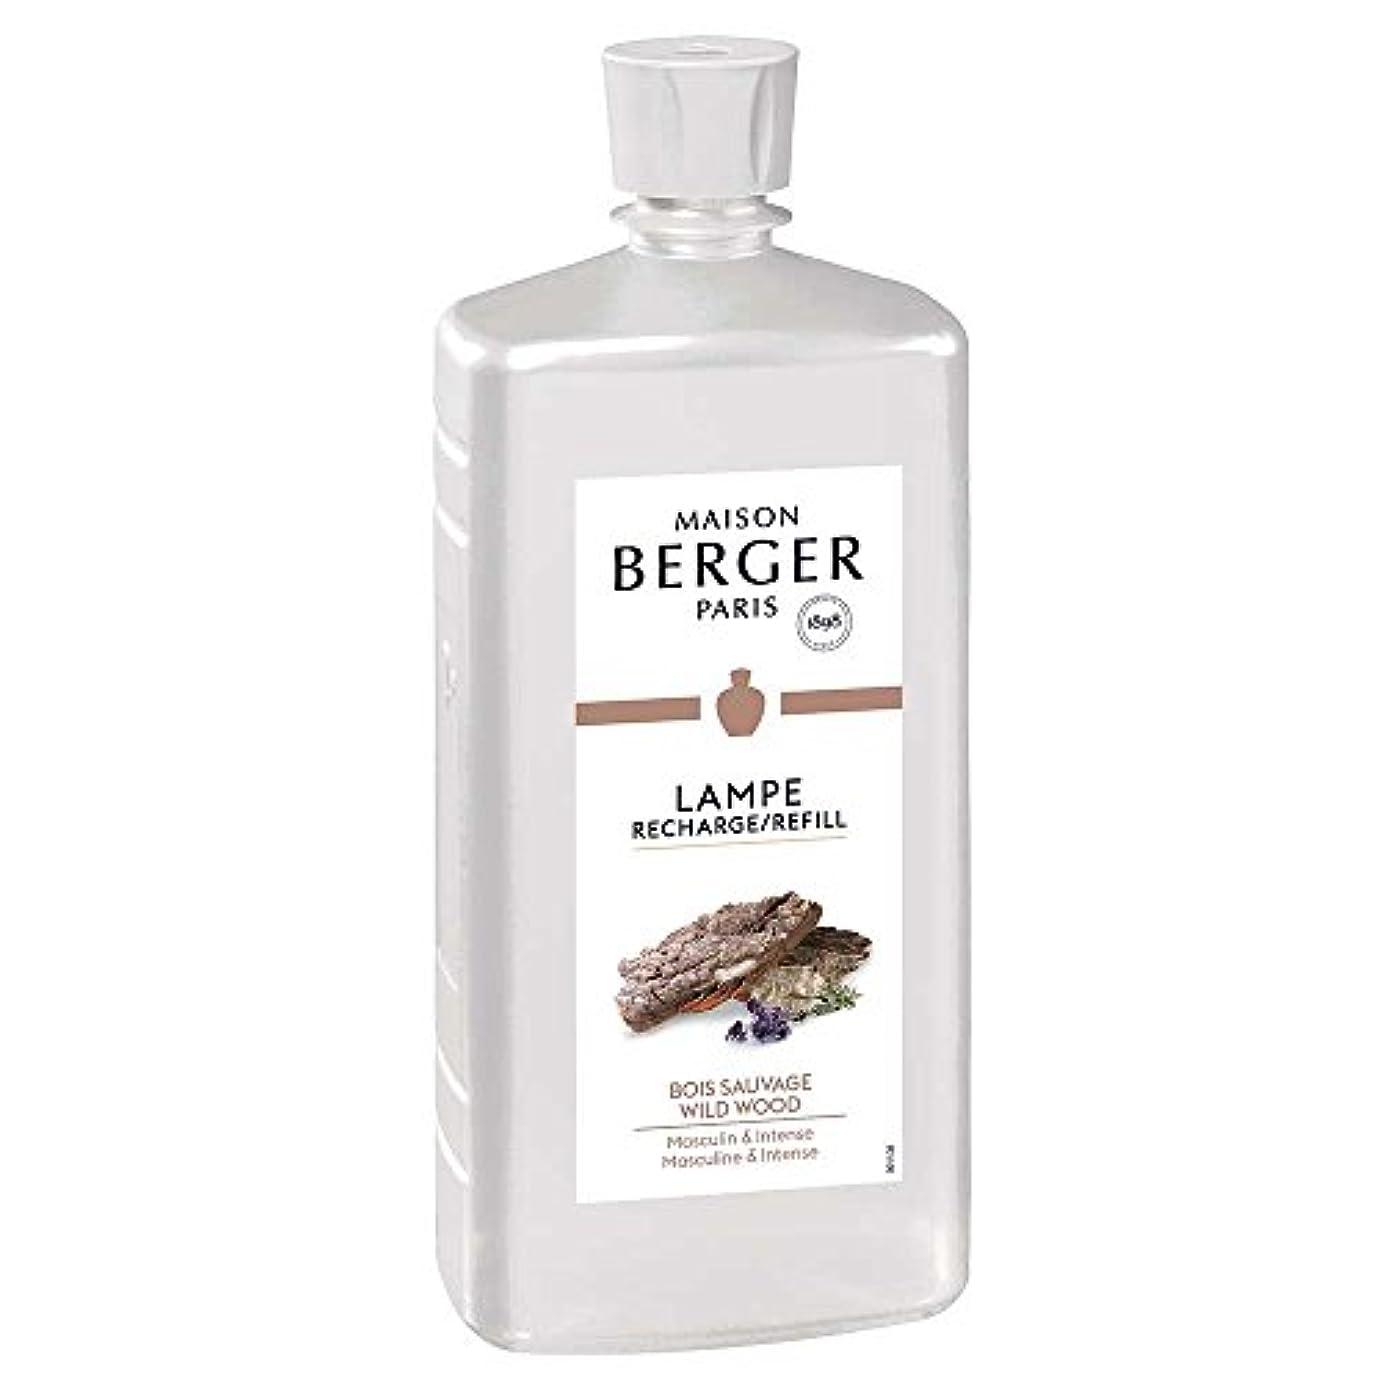 いうアクチュエータミンチ◆メゾンベルジェ パリ・パフュームアロマオイル1L ワイルドウッドの香り(パチュリ、ホワイトシダーなどで男らしさを再現したウッディー系)正規輸入品MAISON BERGER PARIS lampe berger paris販売元:Le Nez株式会社(ルネ株式会社)